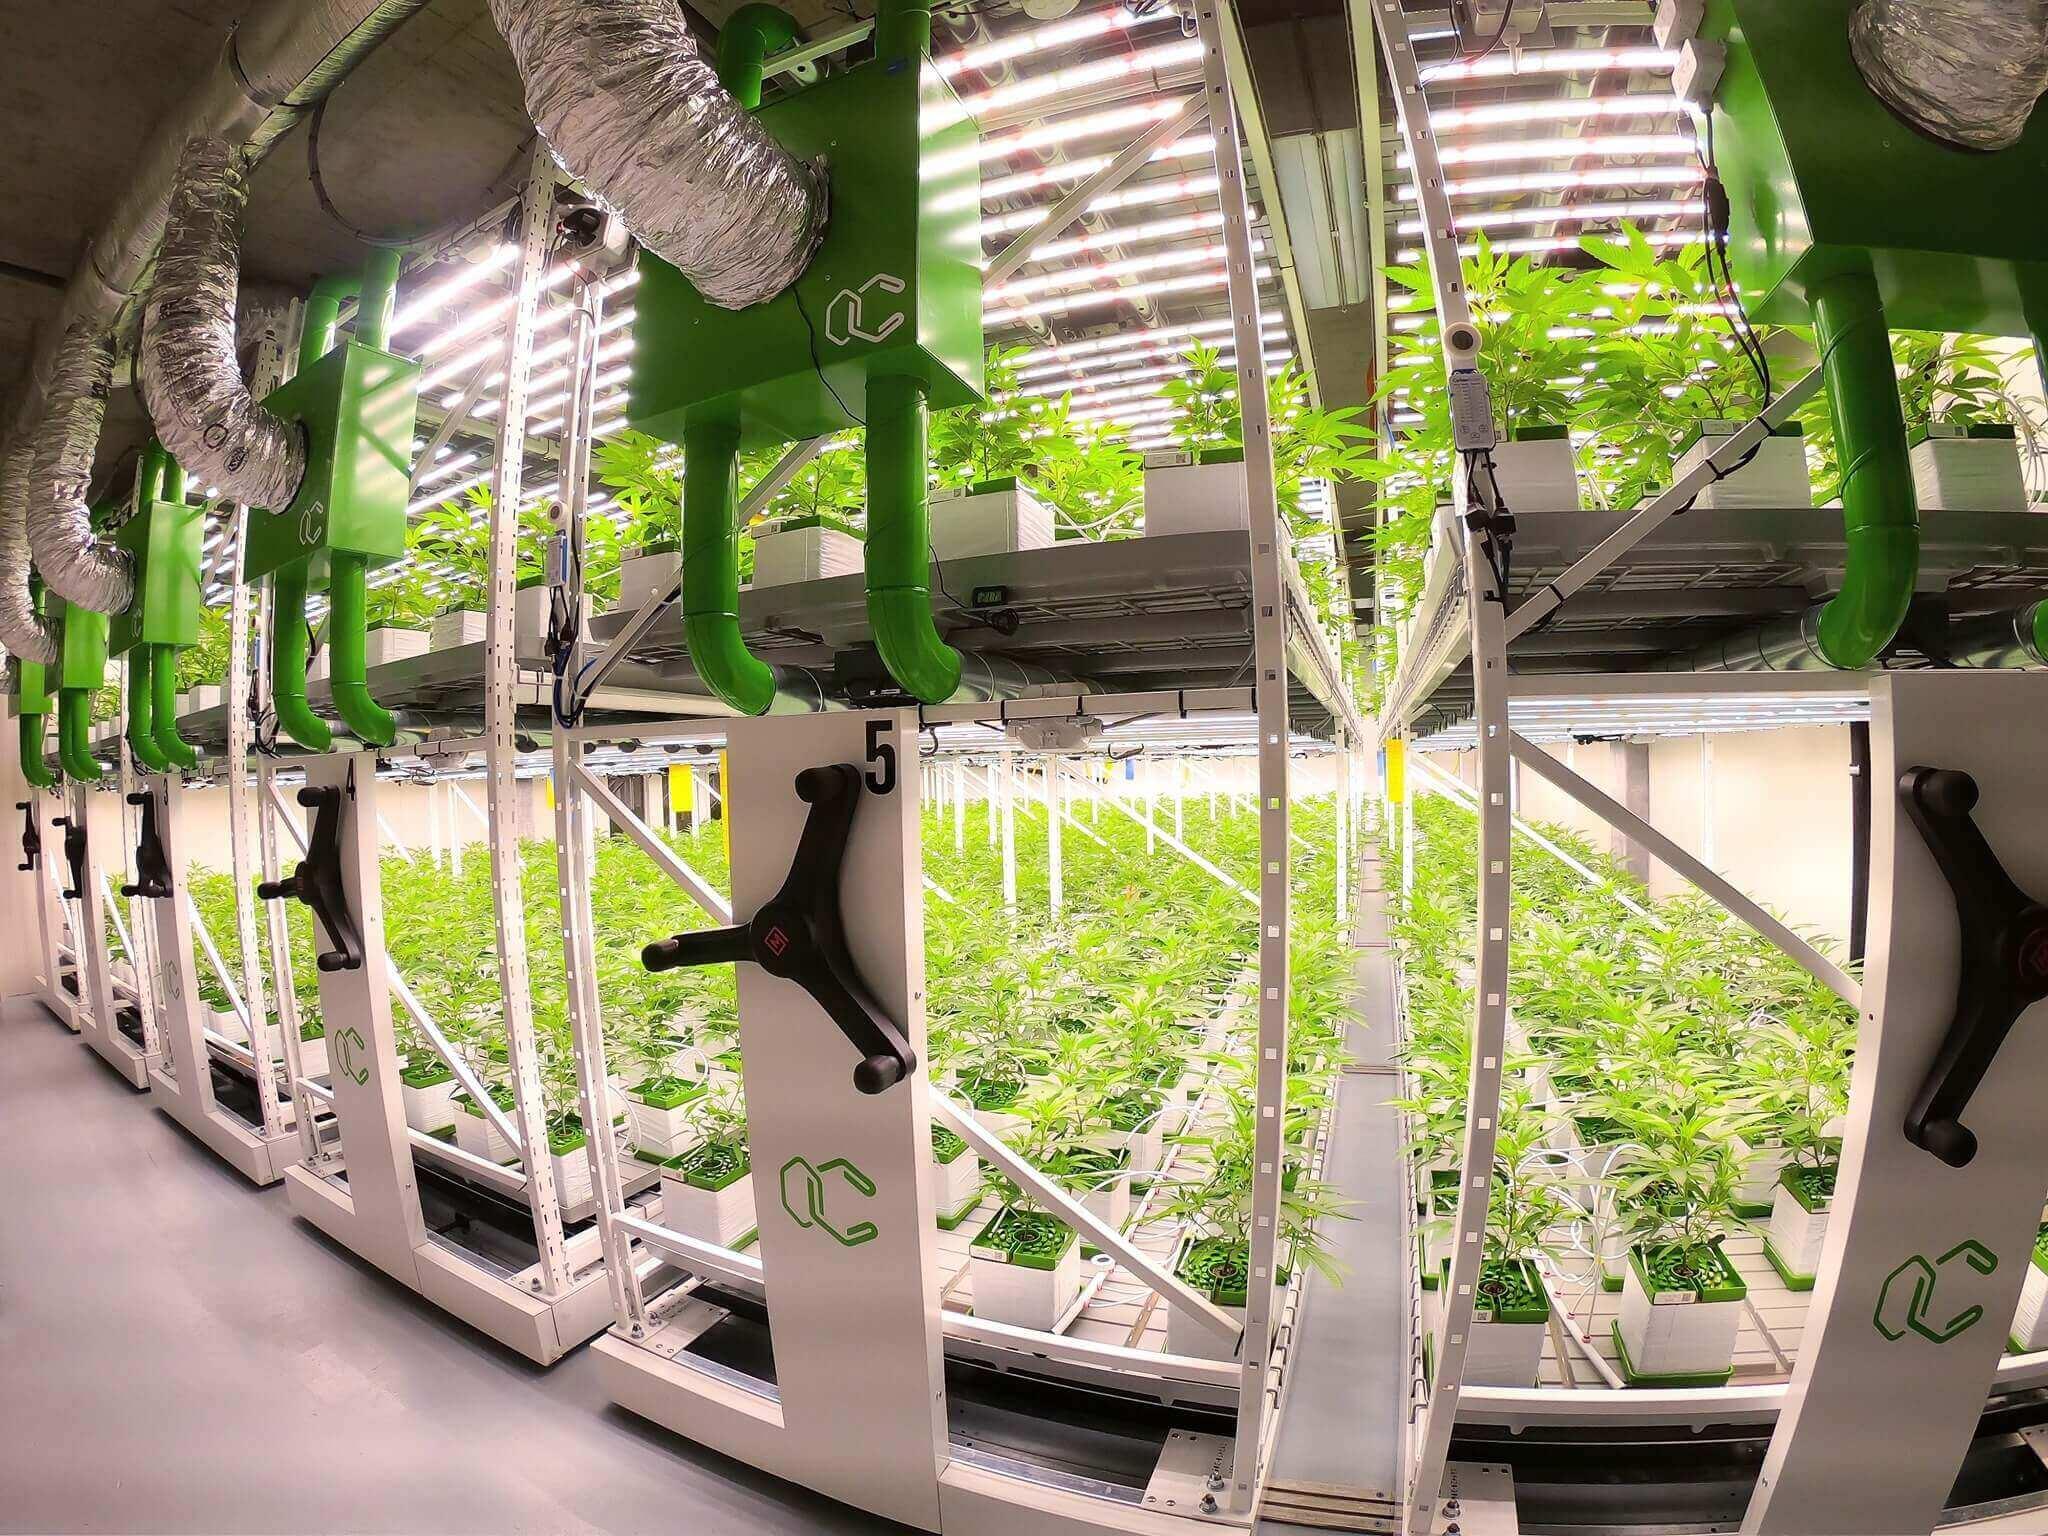 cannabis pflanzen investment, cannerald, cannerald gmbh, cannerald schweiz, cannerald test